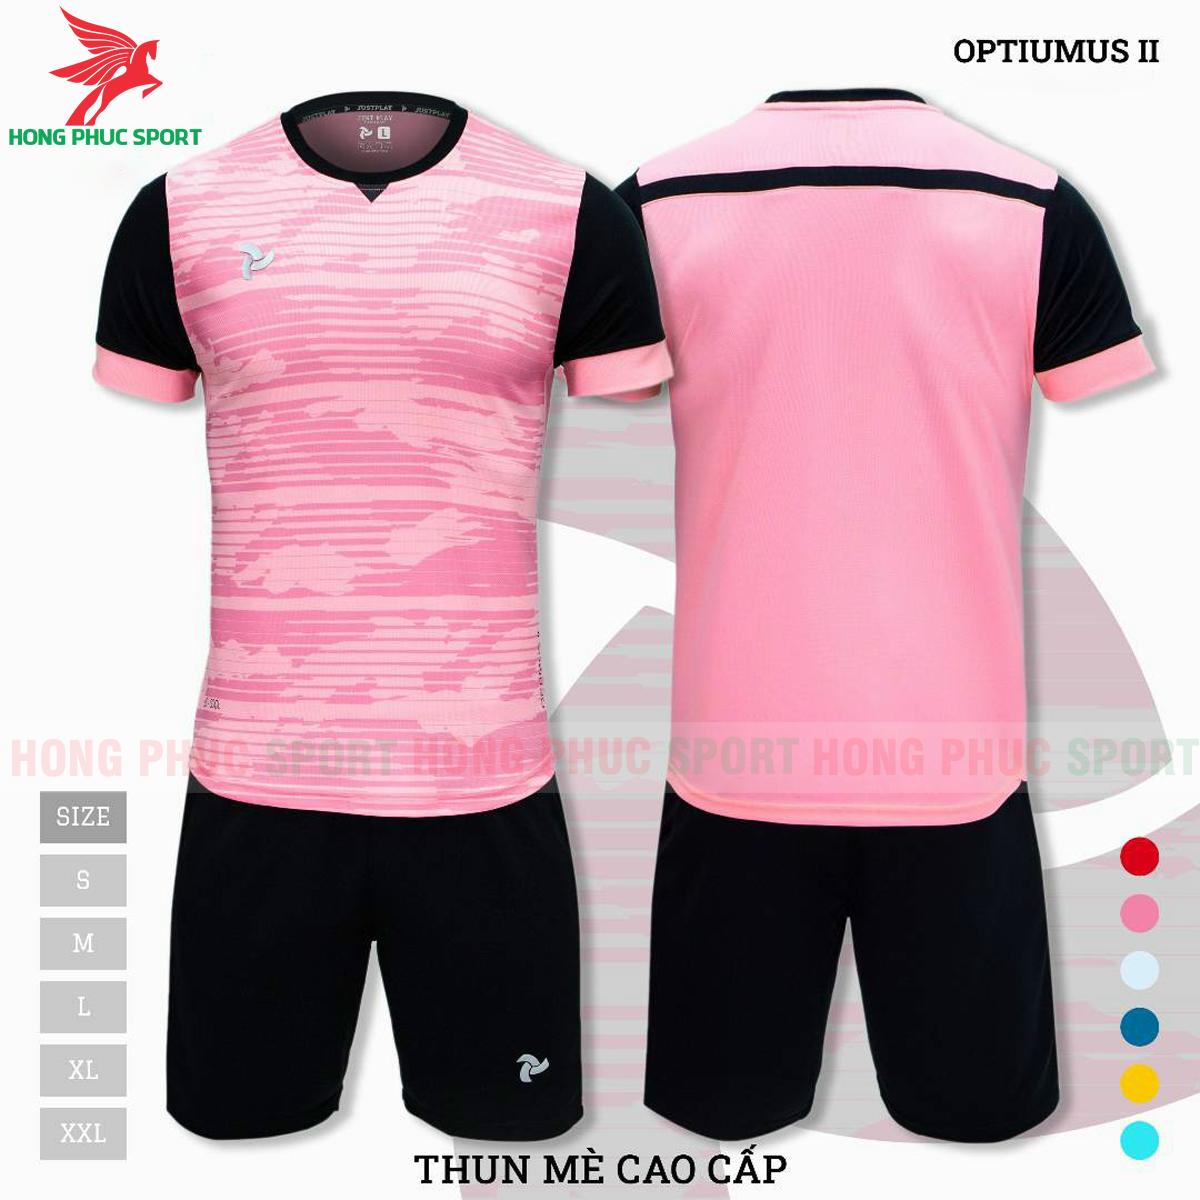 Áo đấu không logo Justplay Optiumus II 2021 màu hồng